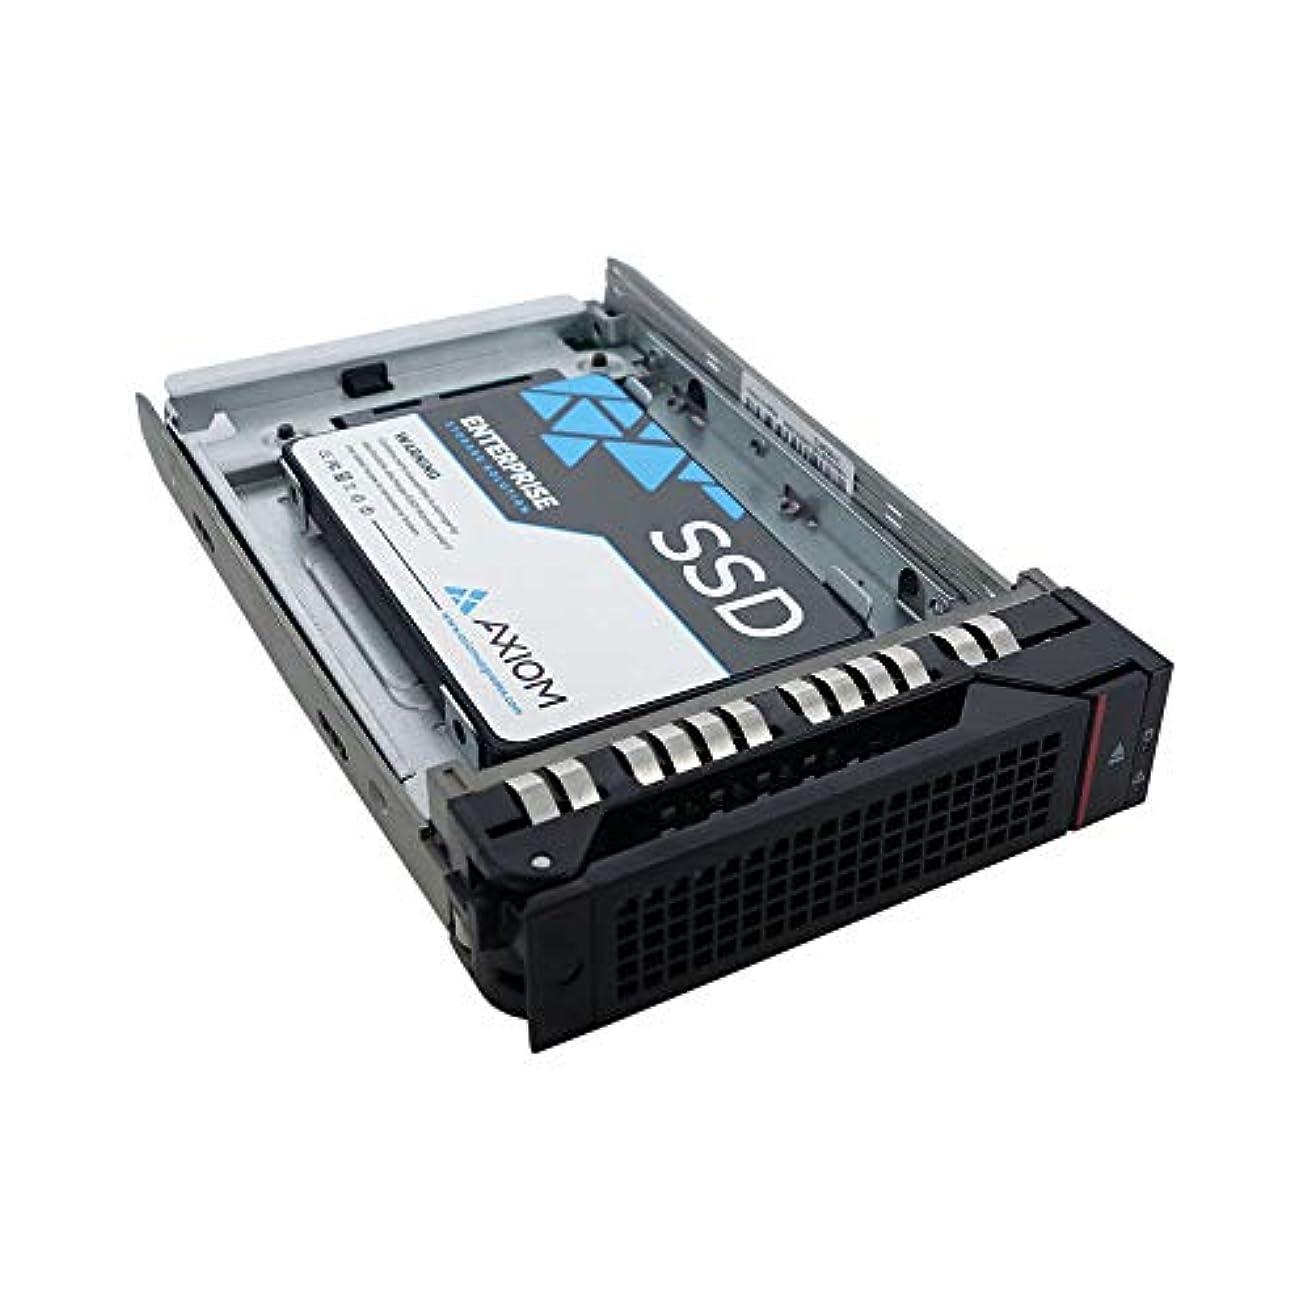 旅行昆虫爆発するMushkin SSDEV10LC1T9-AX エンタープライズバリューEV100 - ソリッドステートドライブ - 暗号化 - 1.92 TB - ホットスワップ - 2.5インチ (3.5インチキャリア内) - SATA 6Gb/s - 256ビットAES